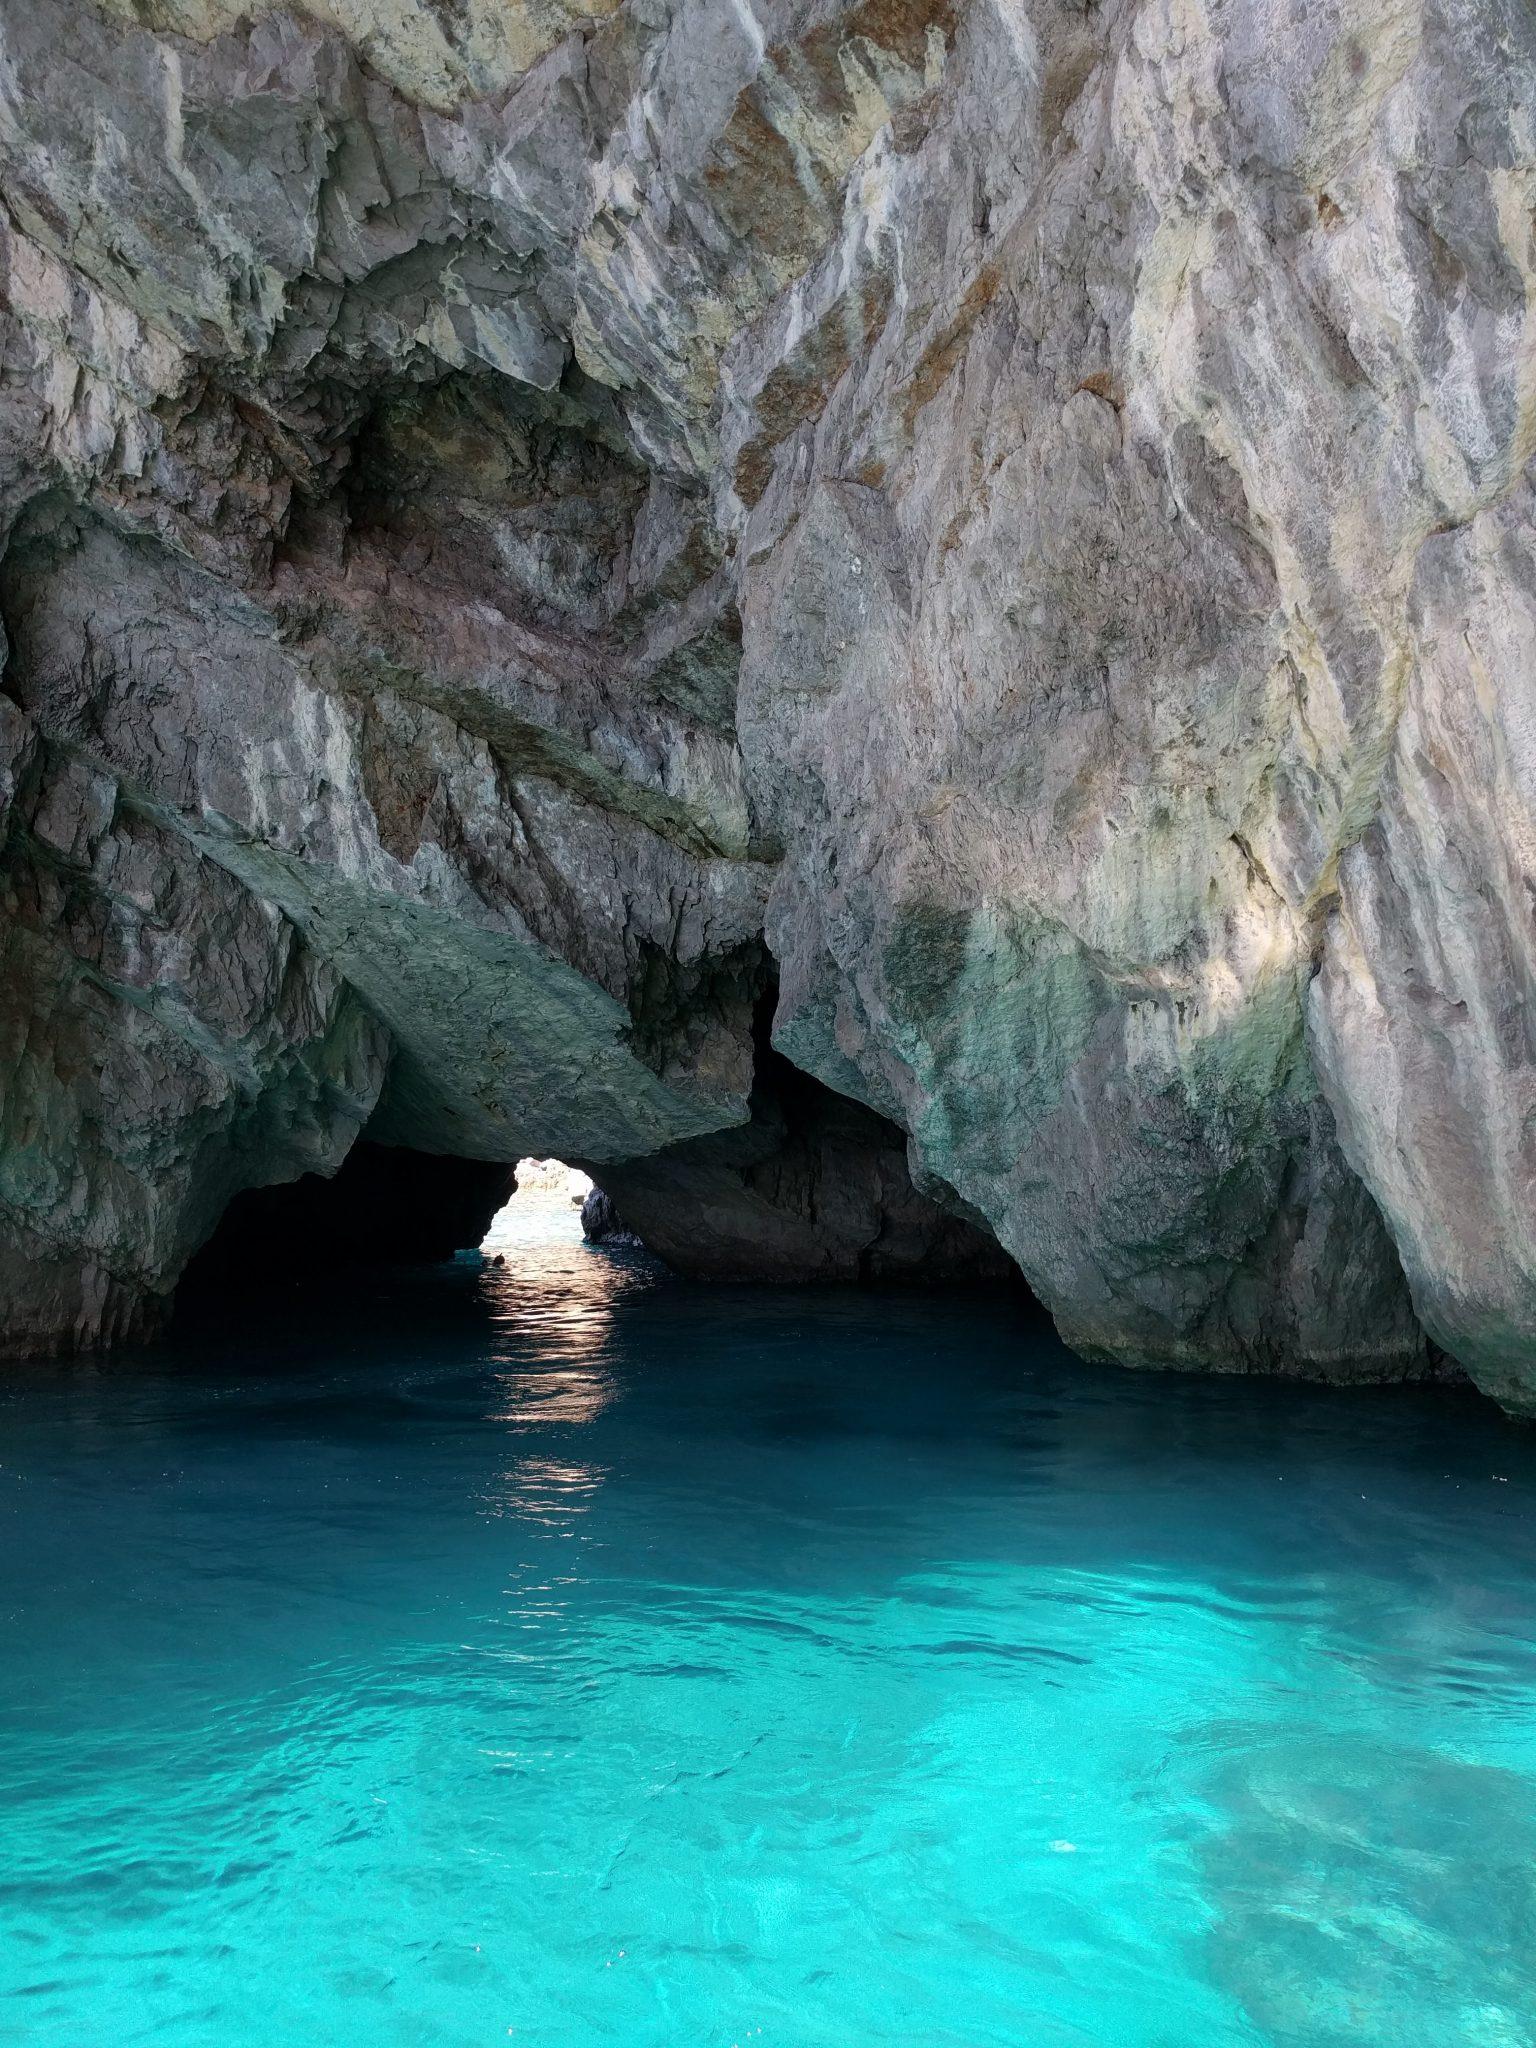 Cpari in un giorno: muoversi in barca e visitare la grotta verde